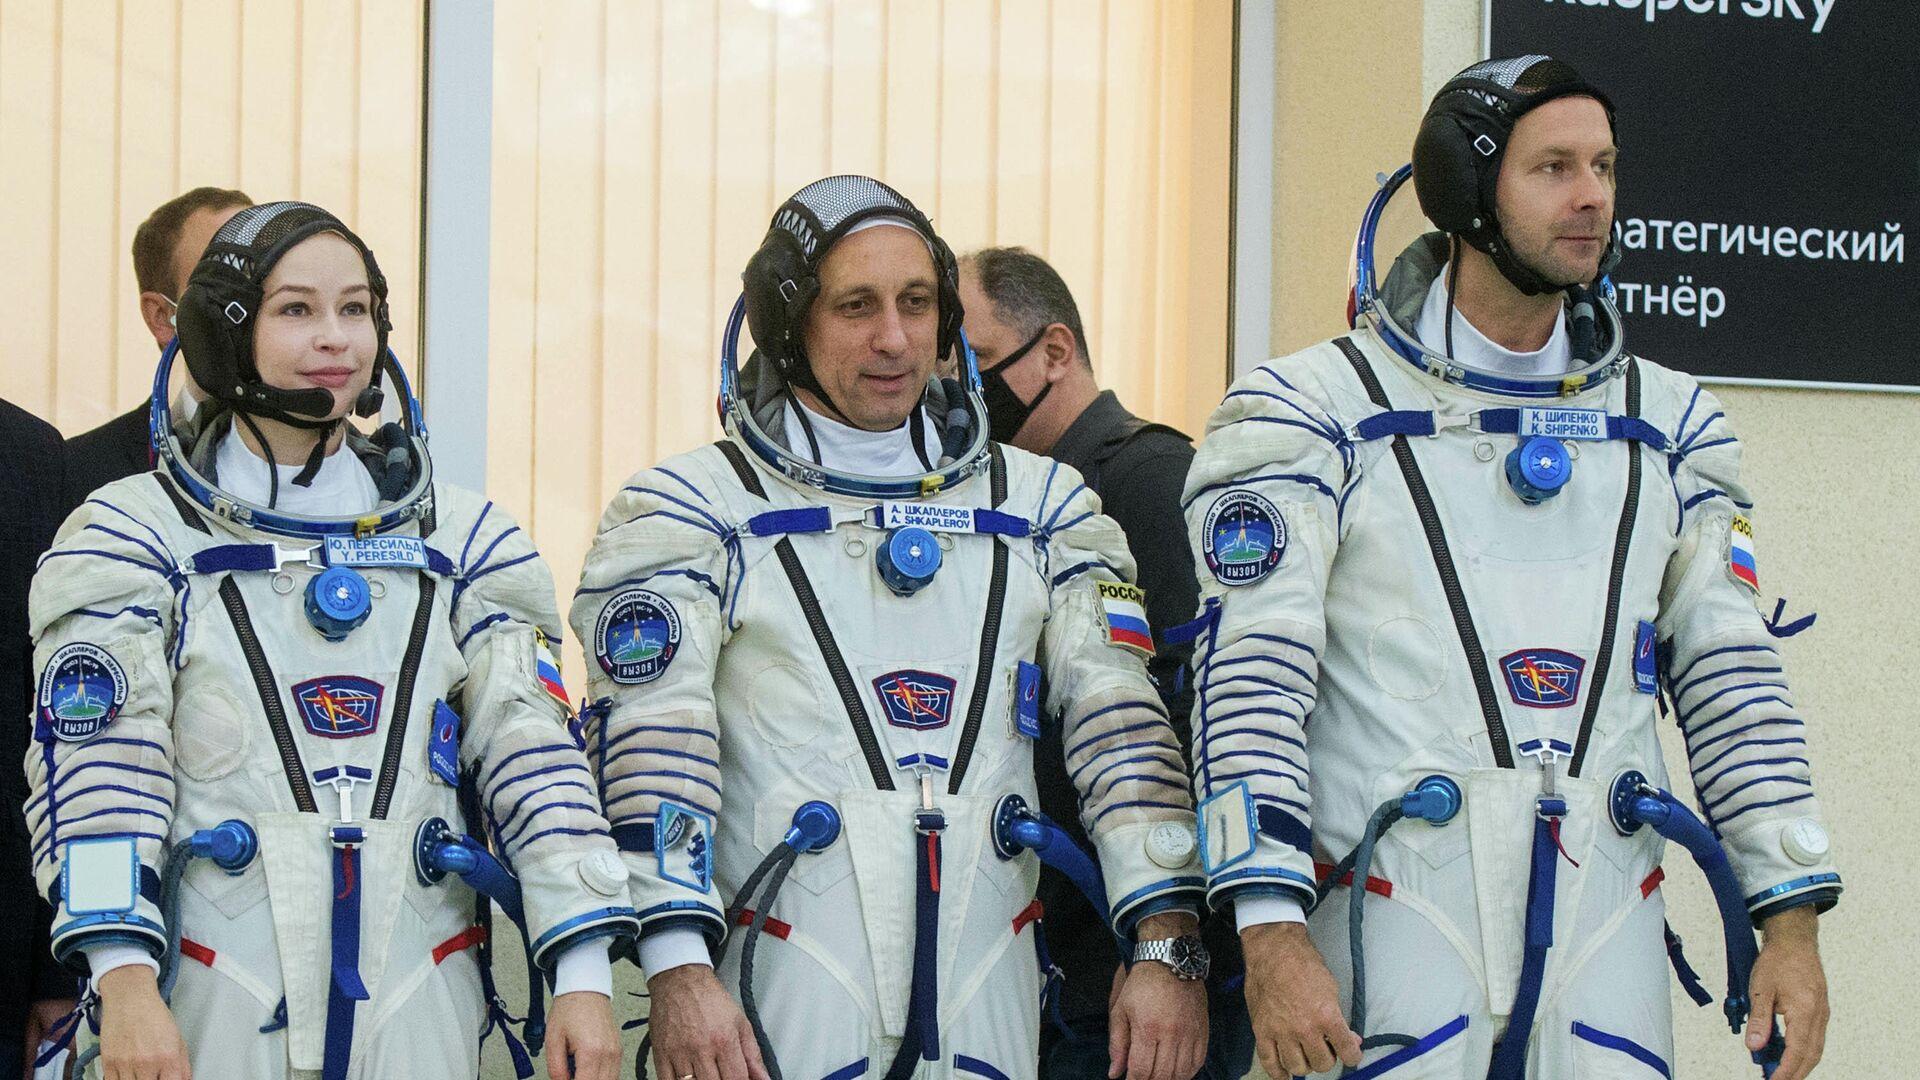 """Госкомиссия на Байконуре разрешила вывоз ракеты с """"киноэкипажем"""" на стартовый комплекс"""